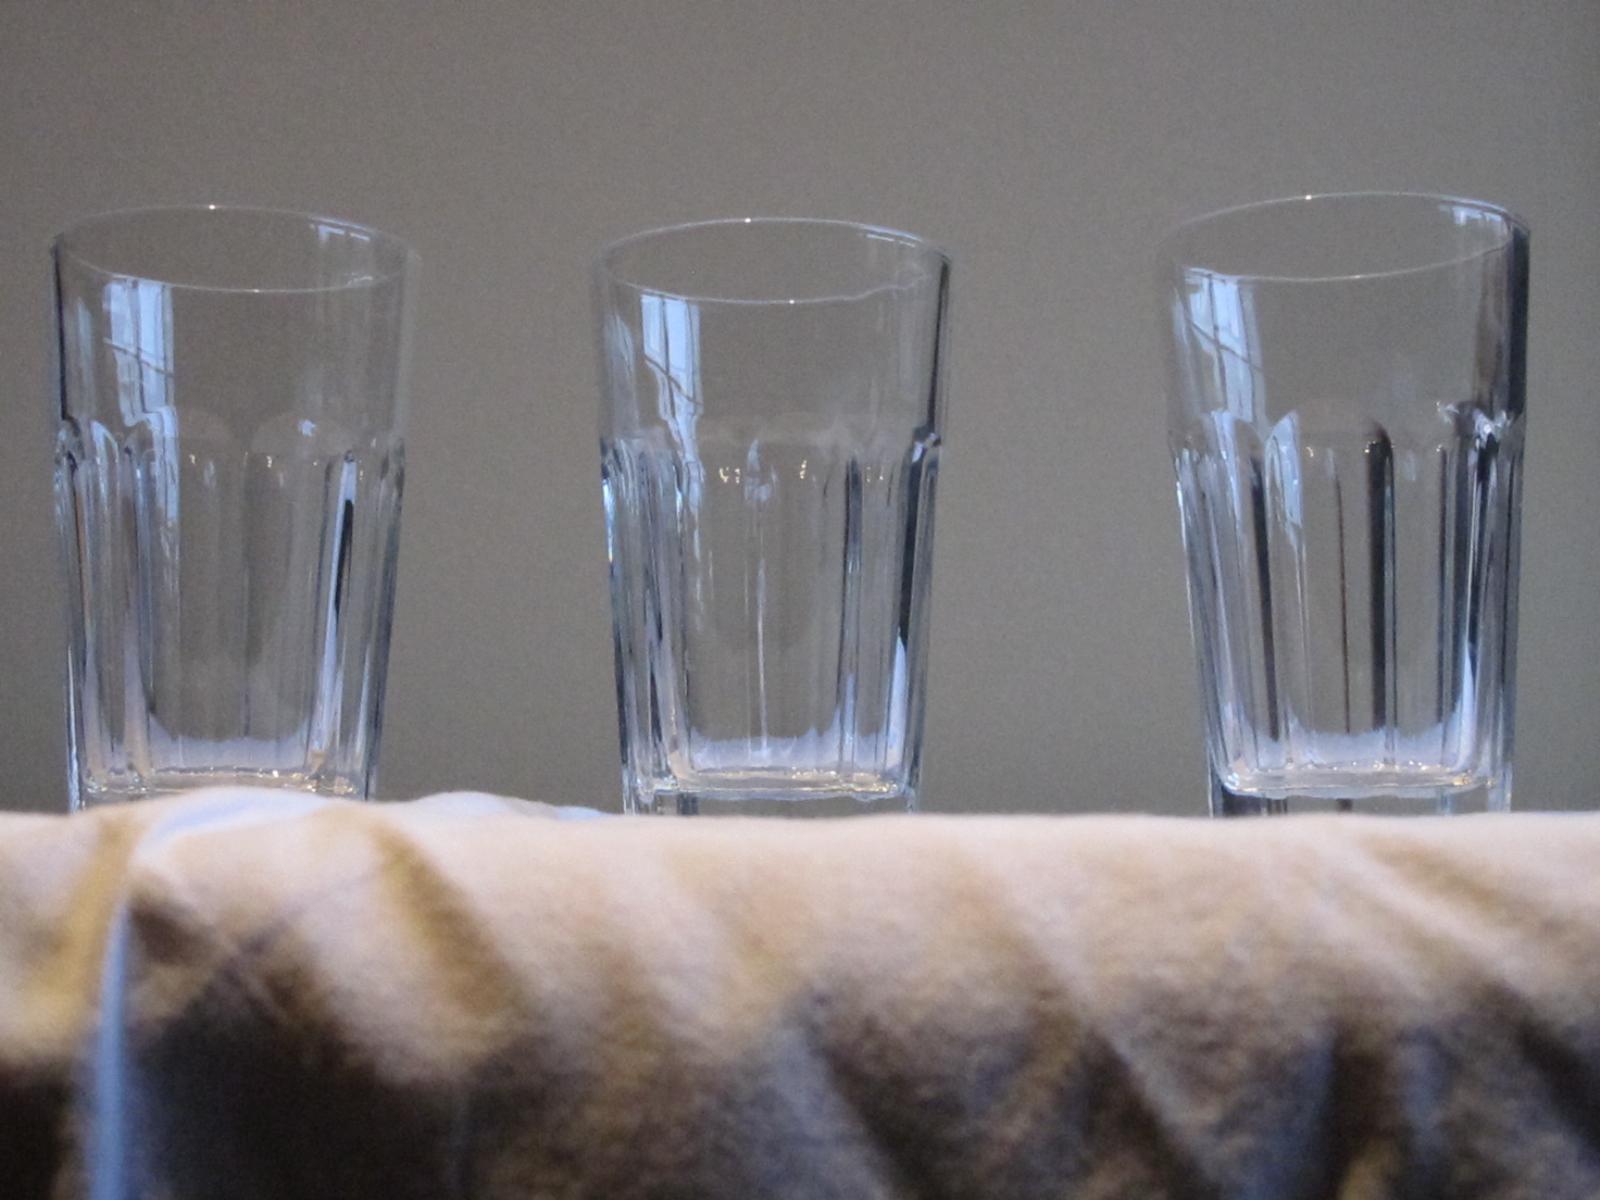 Venta de muebles en madrid vasos grandes - Vasos grandes cristal ...